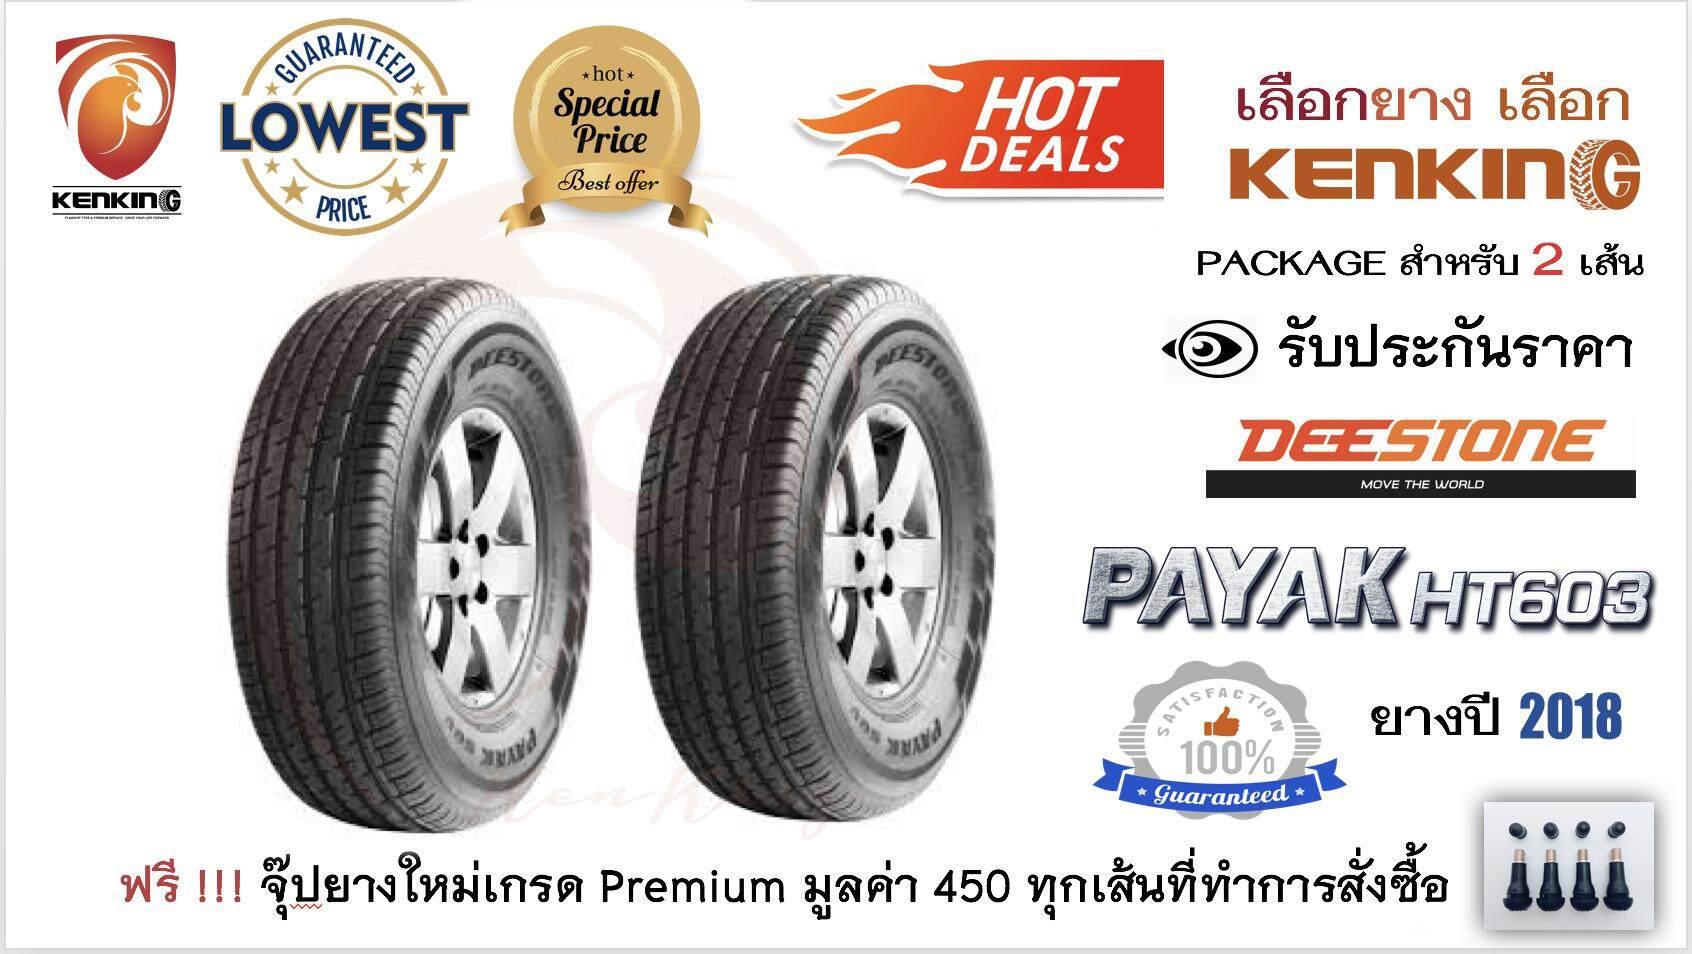 อำนาจเจริญ ยางรถยนต์ขอบ 18 Deestone ดีสโตน 265/60 R18 New!! ปี 2019 รุ่น HT603 PAYAK SUV (สำหรับ 2 เส้น) ฟรี!! จุ๊ปเกรด Premium มูลค่า 450 บาท